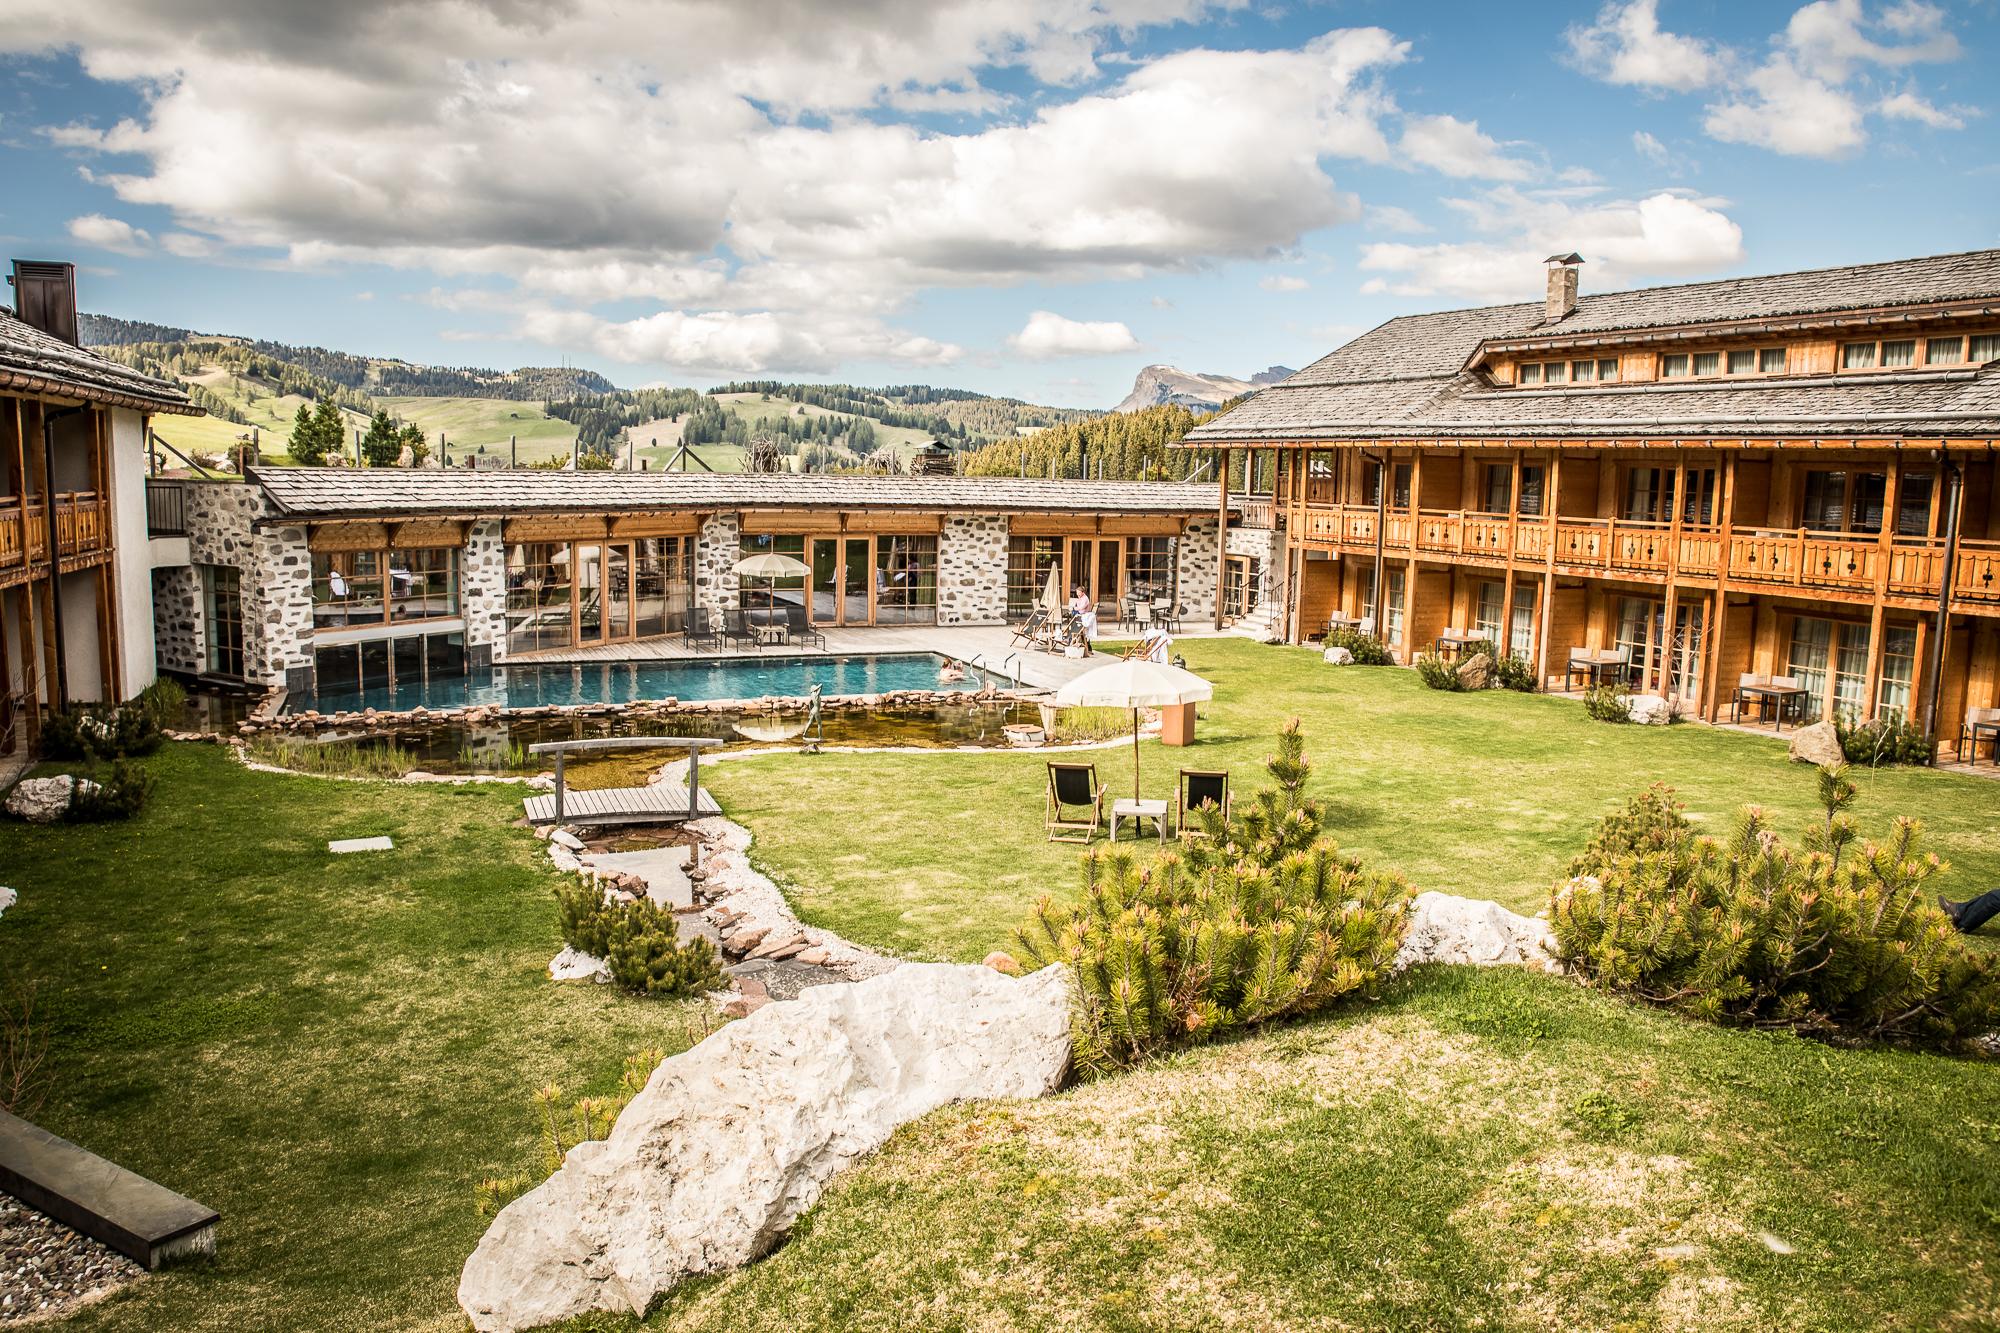 aussenanlage_mit_outdoorpool_im_sommer_tirler-dolomites_living_hotel